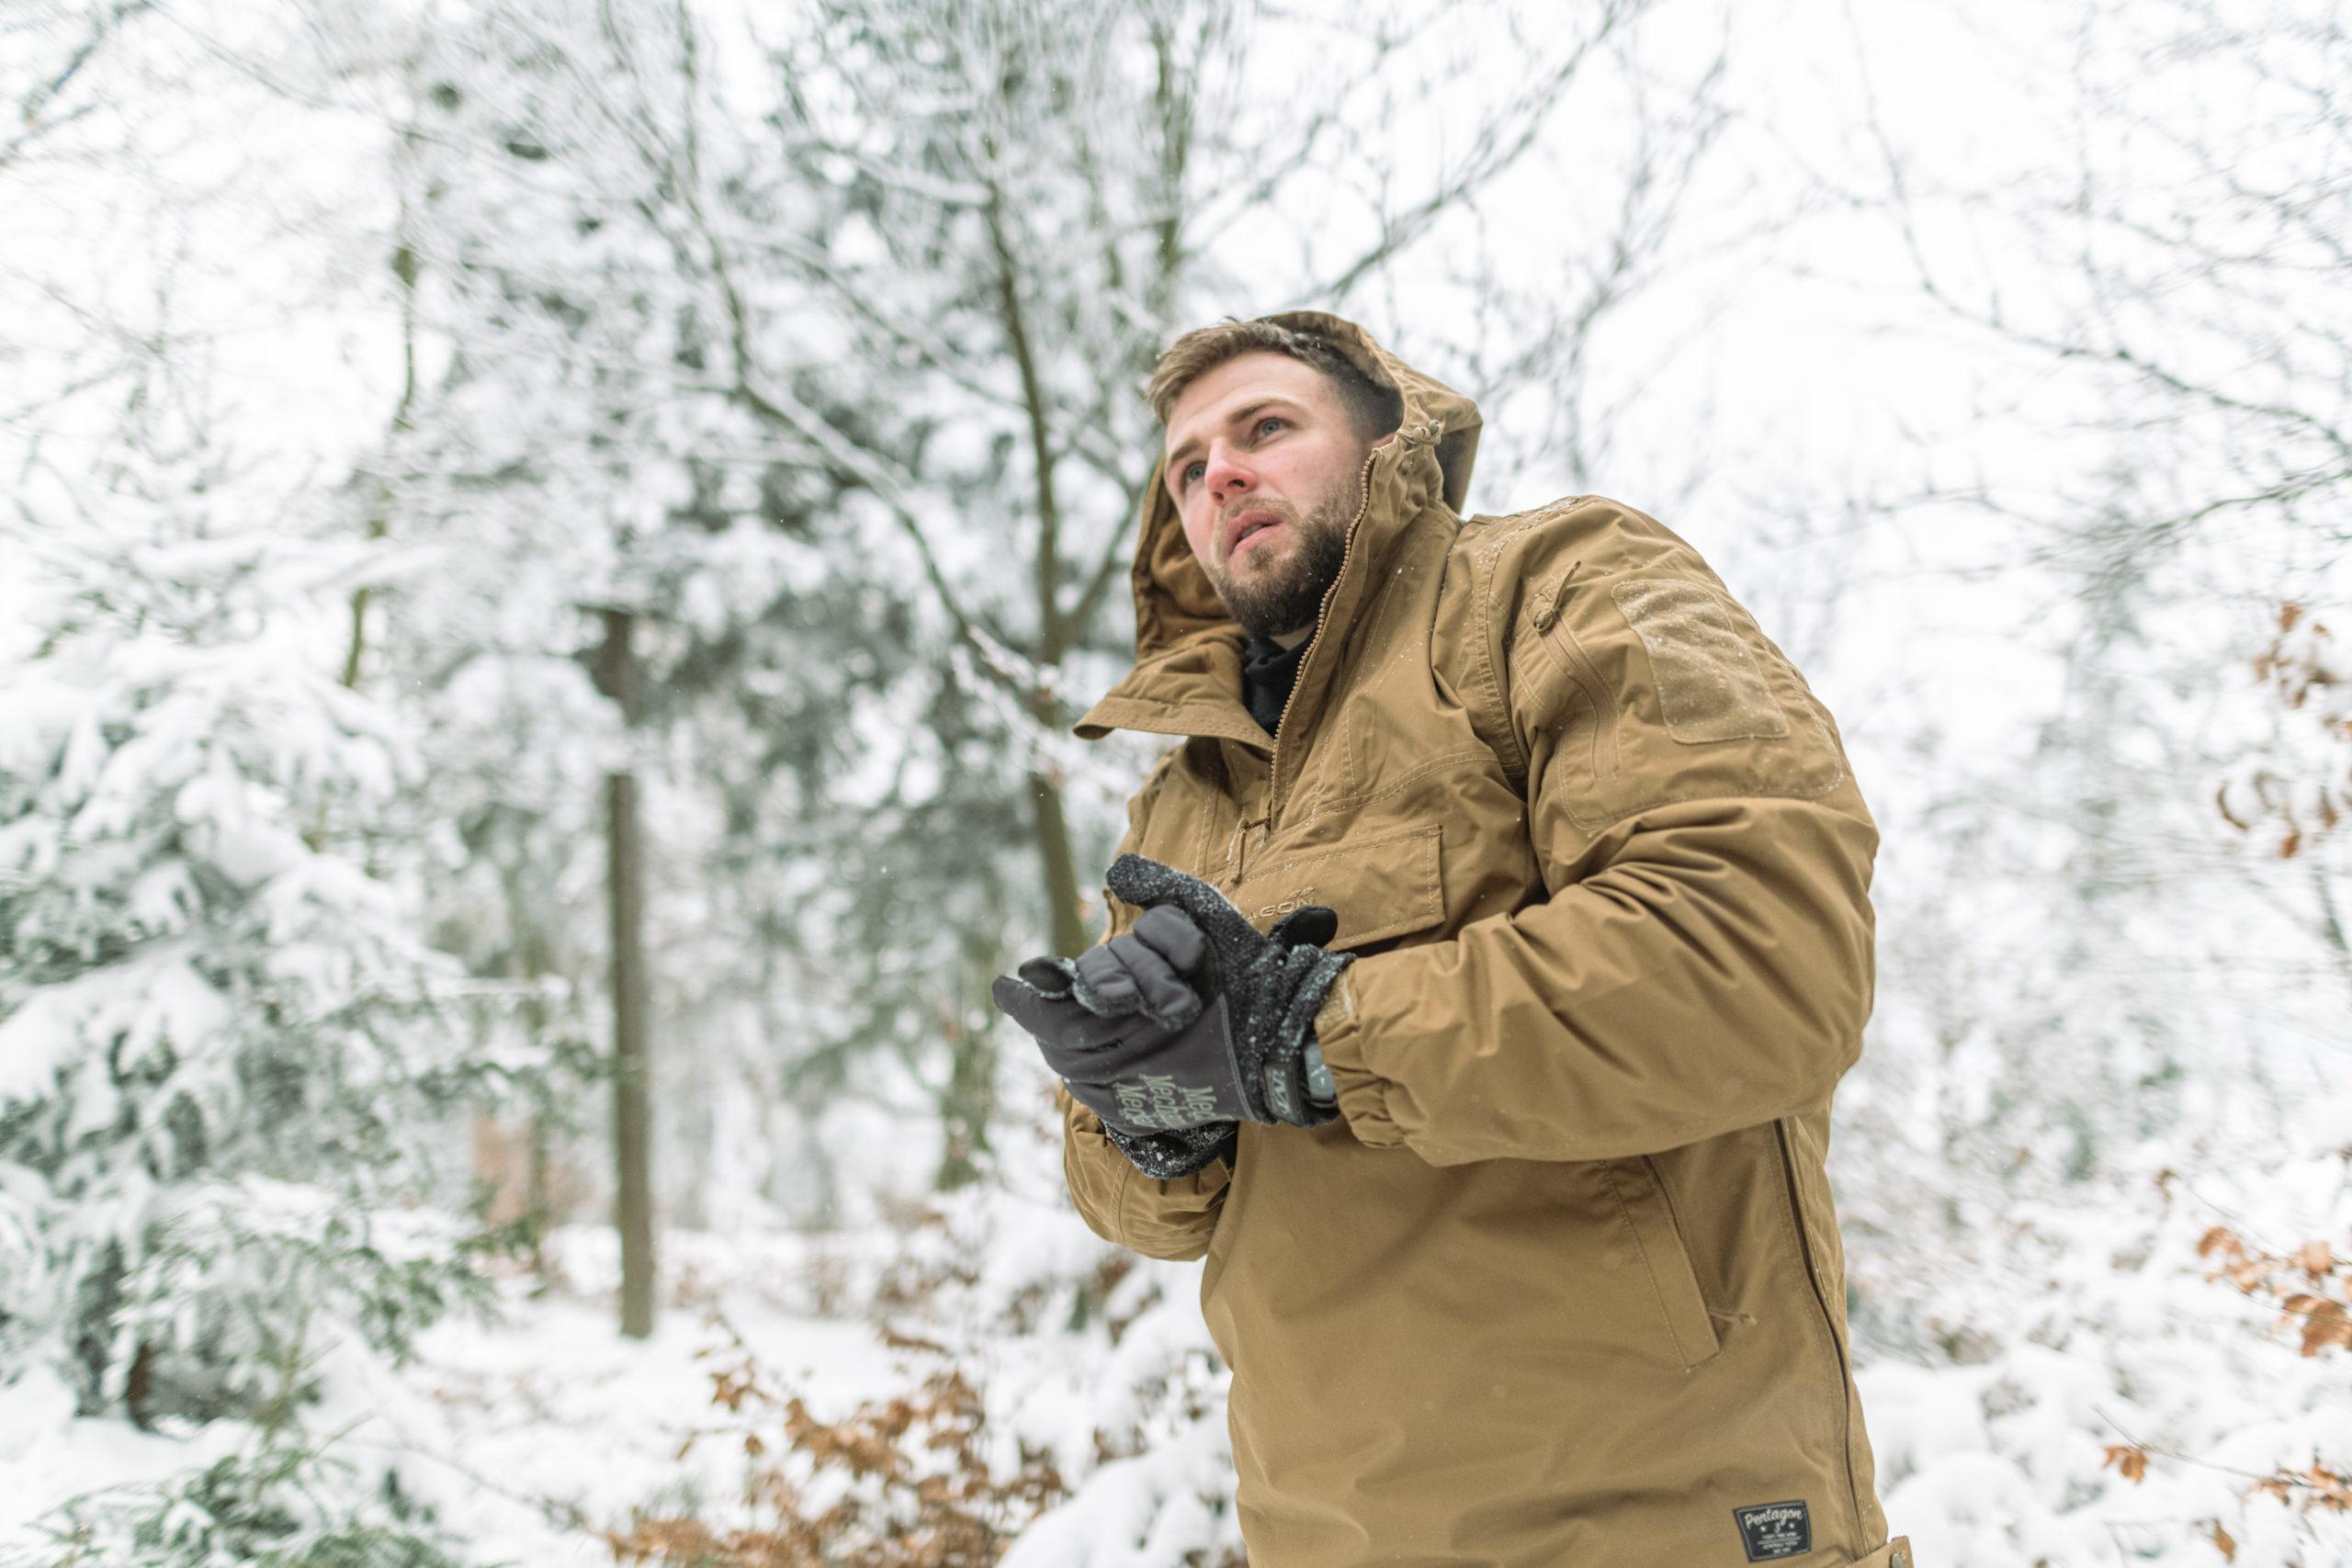 Przetrwać największe mrozy. Jak ubierać się zimą?